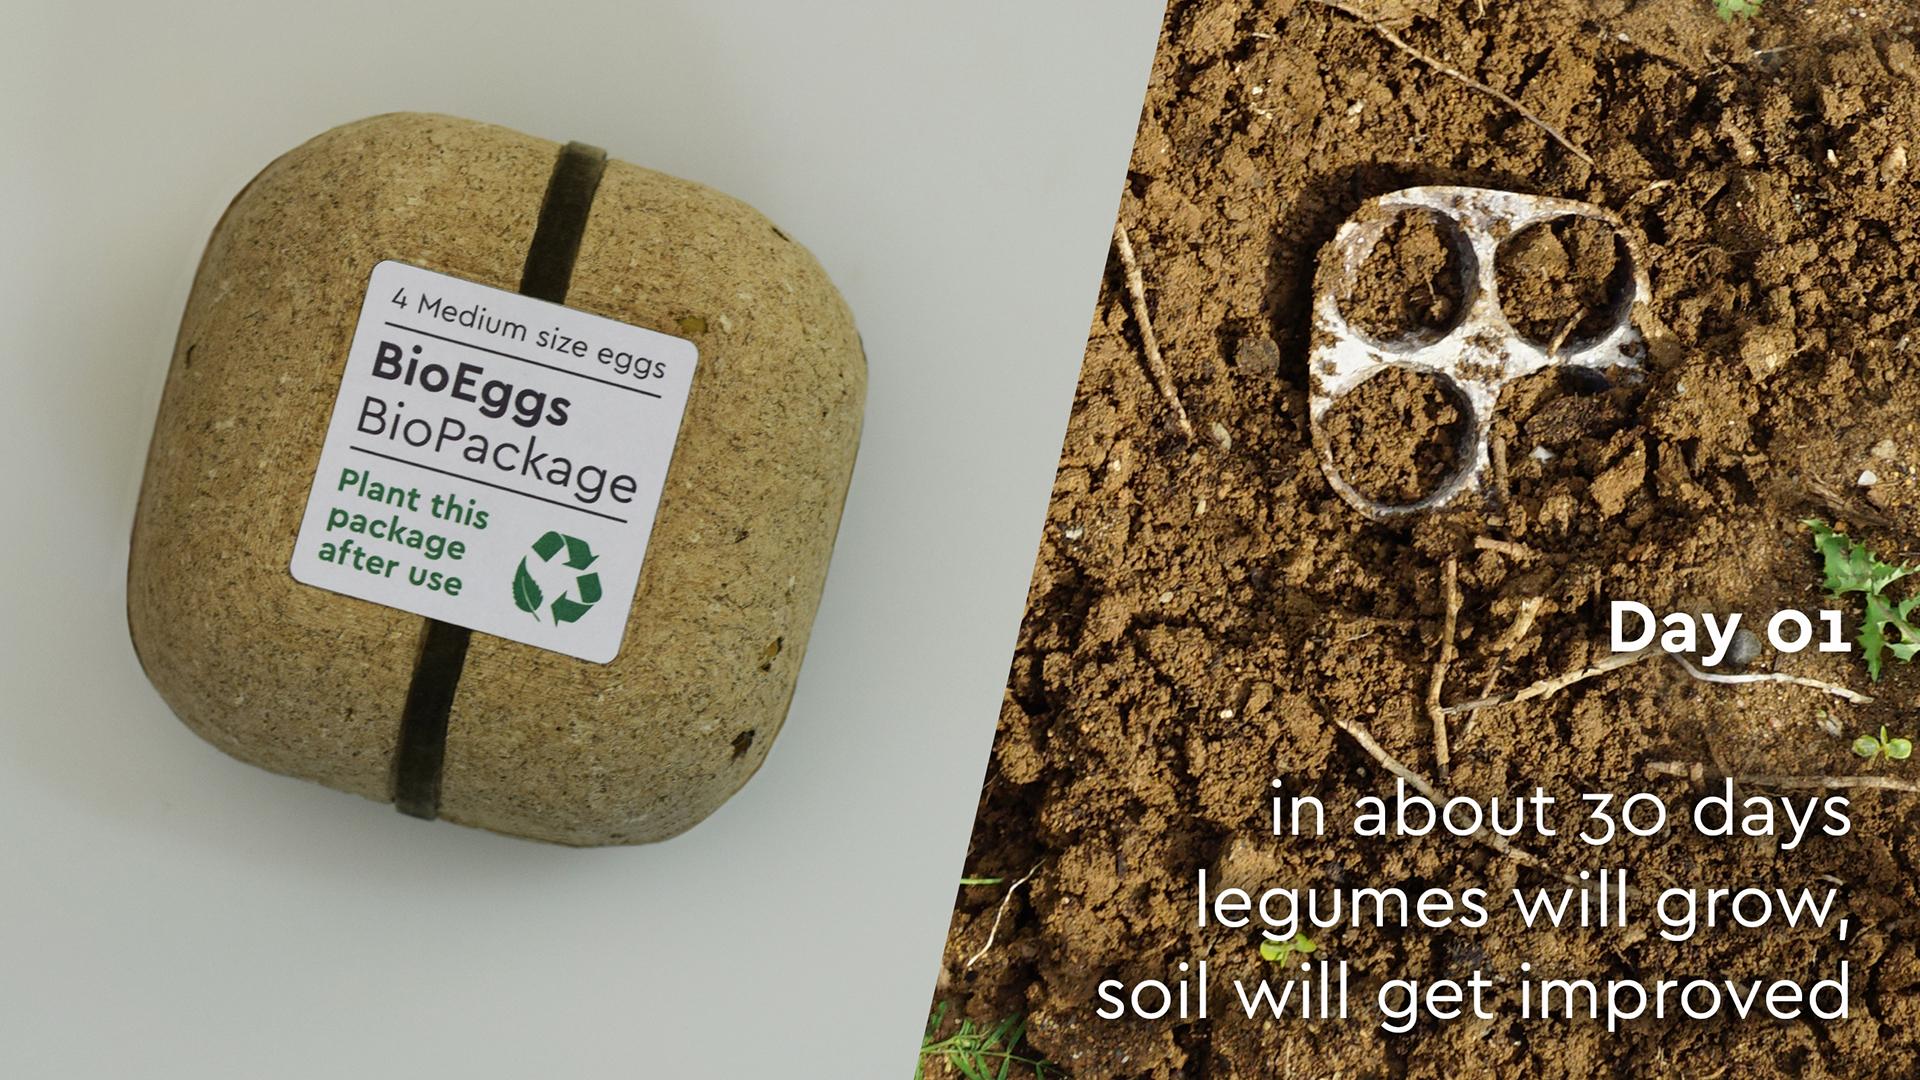 Aus Verpackungen werden Pflanzen. (Foto: George Bosnas)